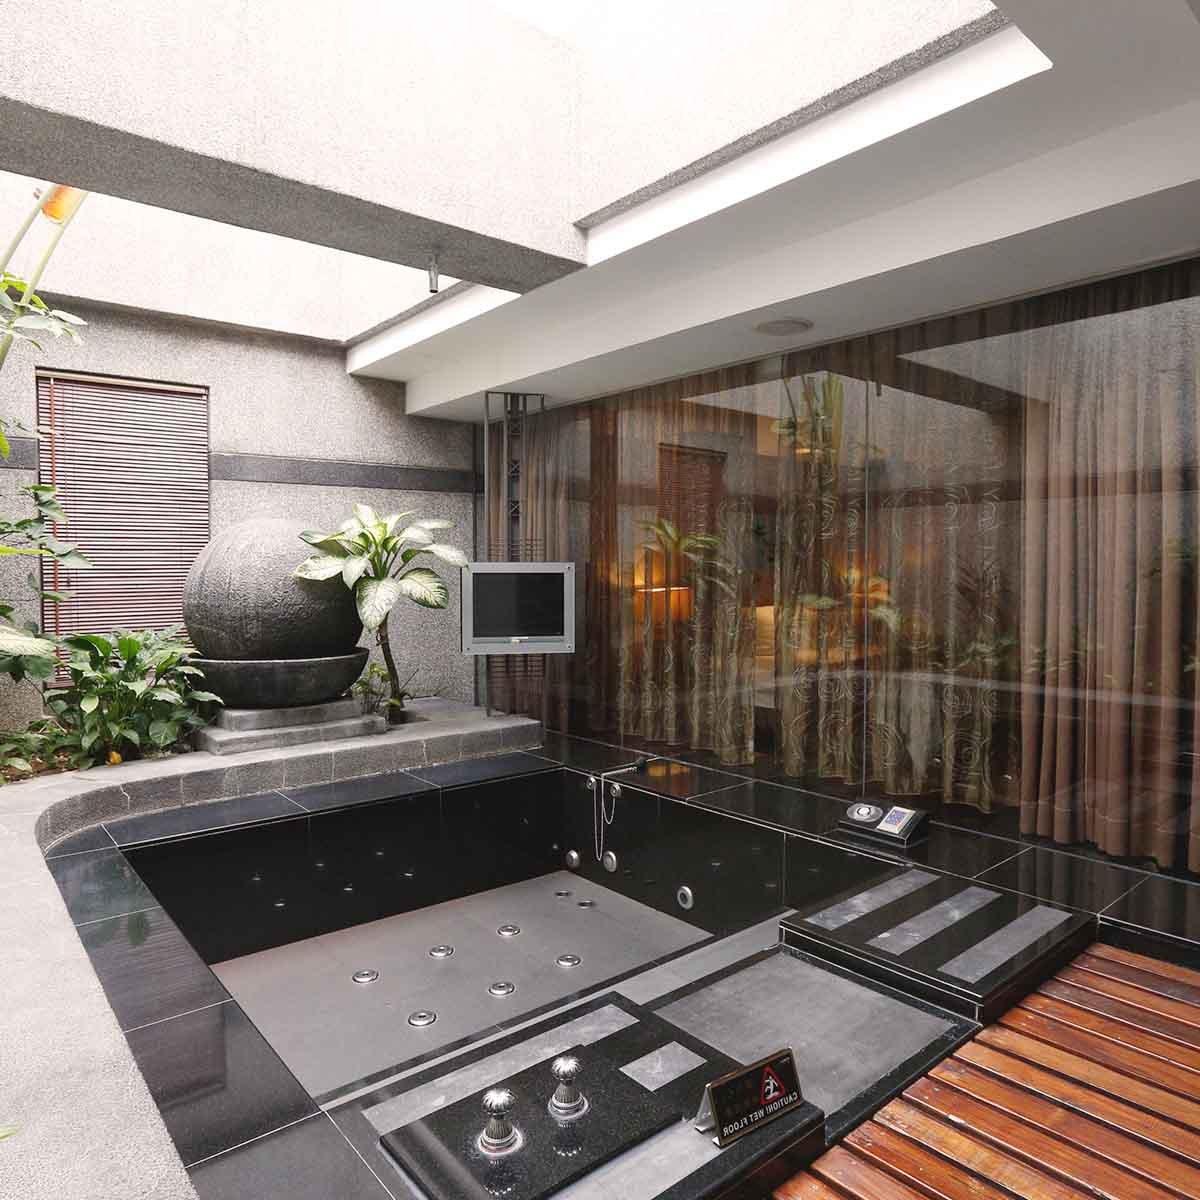 台北住宿 MOTEL推薦 #2悅池精品旅館